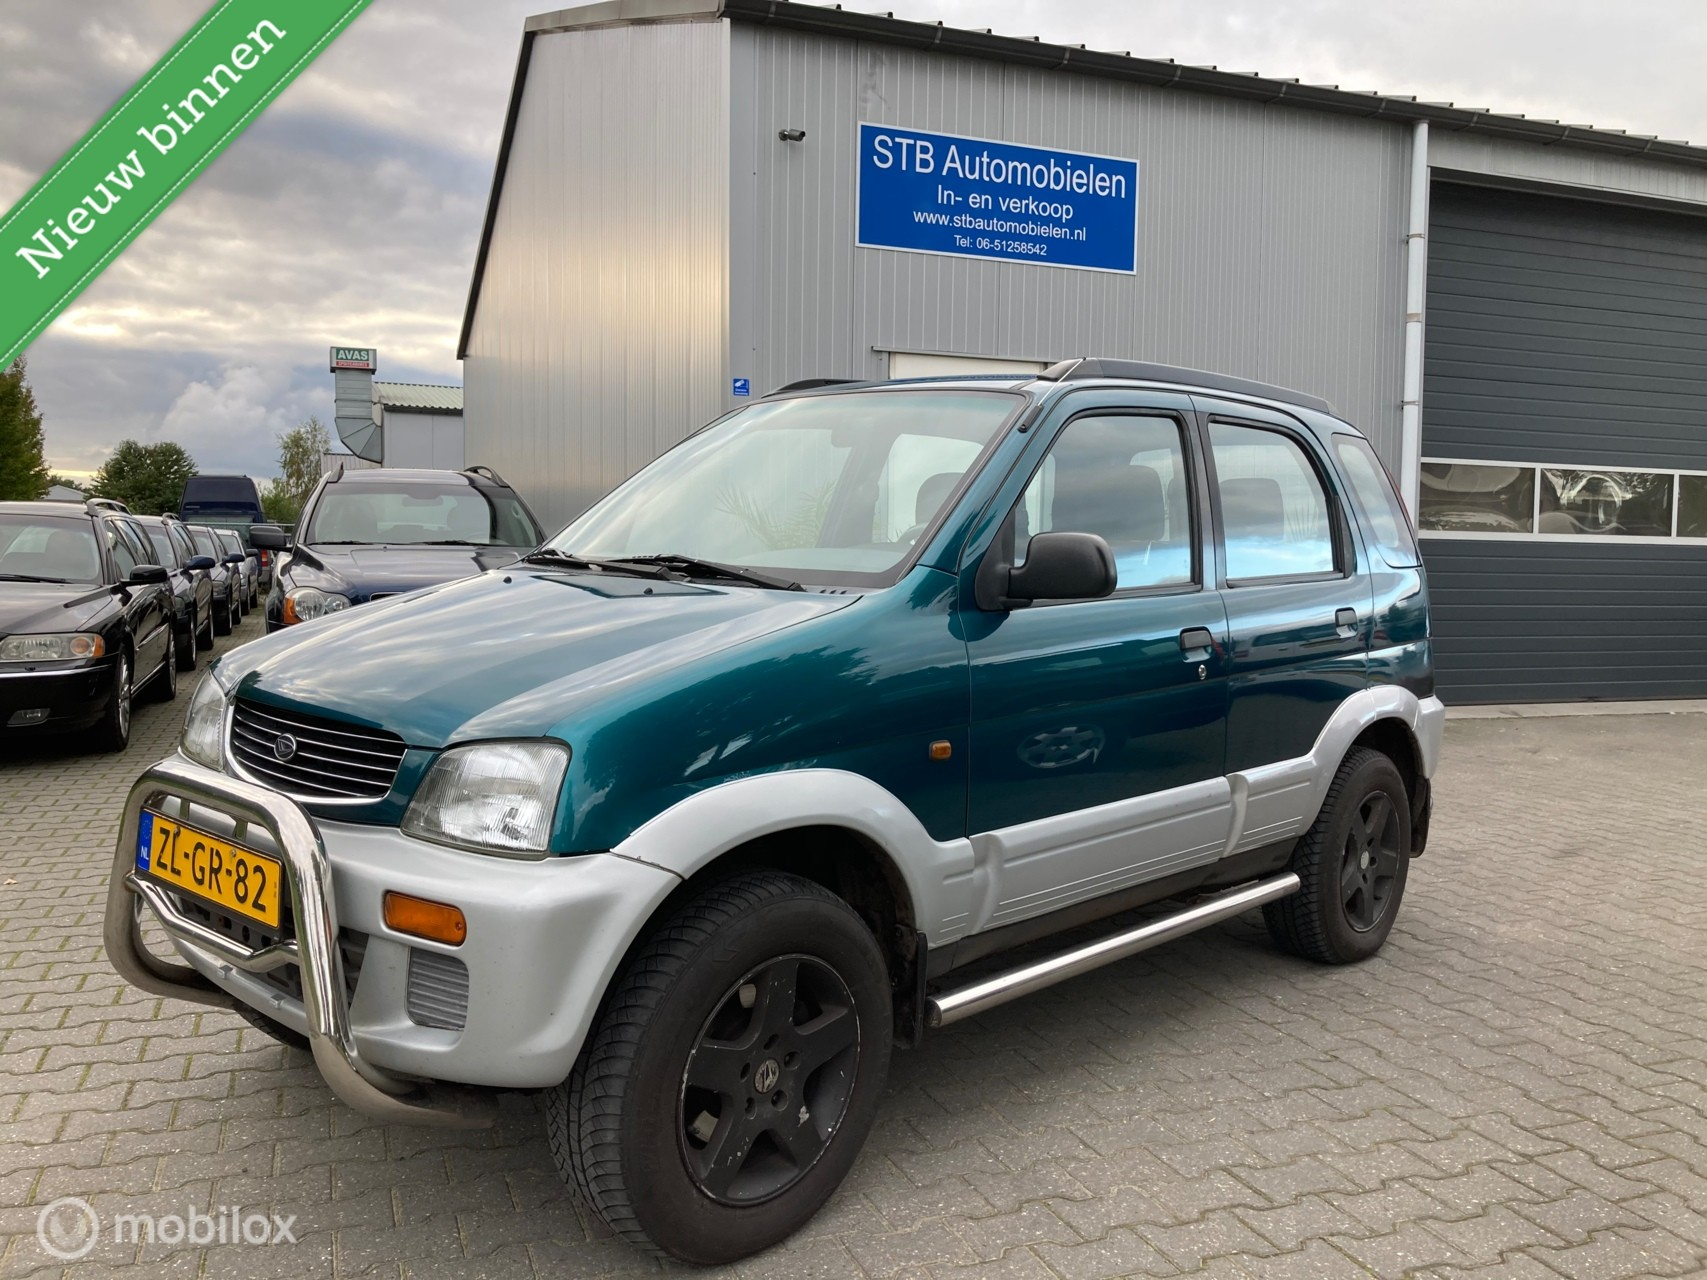 Daihatsu Terios 1.3 SX, 4x4, airco